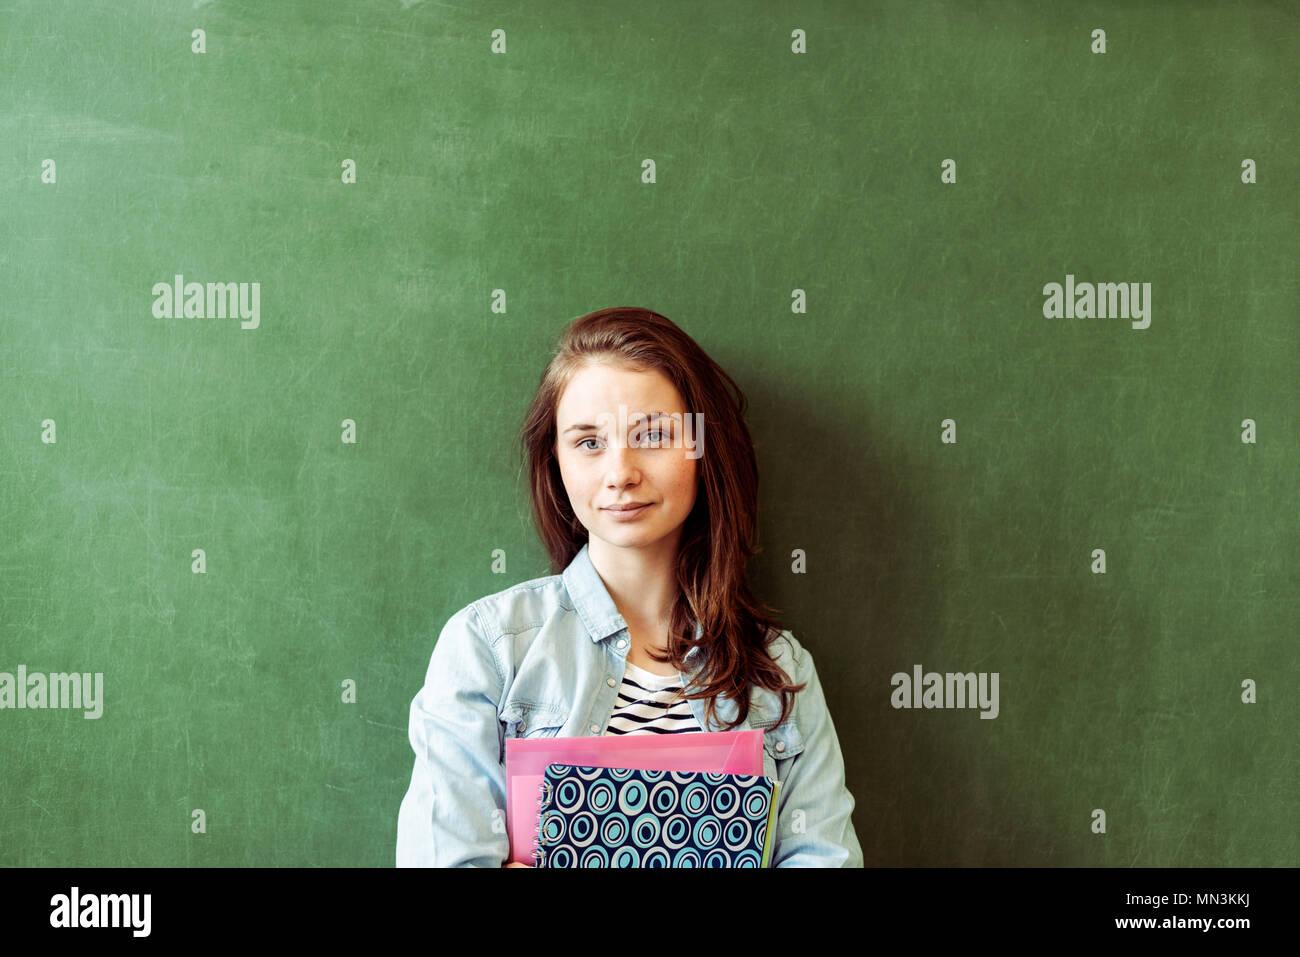 Junge zuversichtlich lächelnd weibliche Schüler vor der Tafel im Klassenzimmer, die hielten Lehrbücher, bei Kamera schaut. Stockfoto